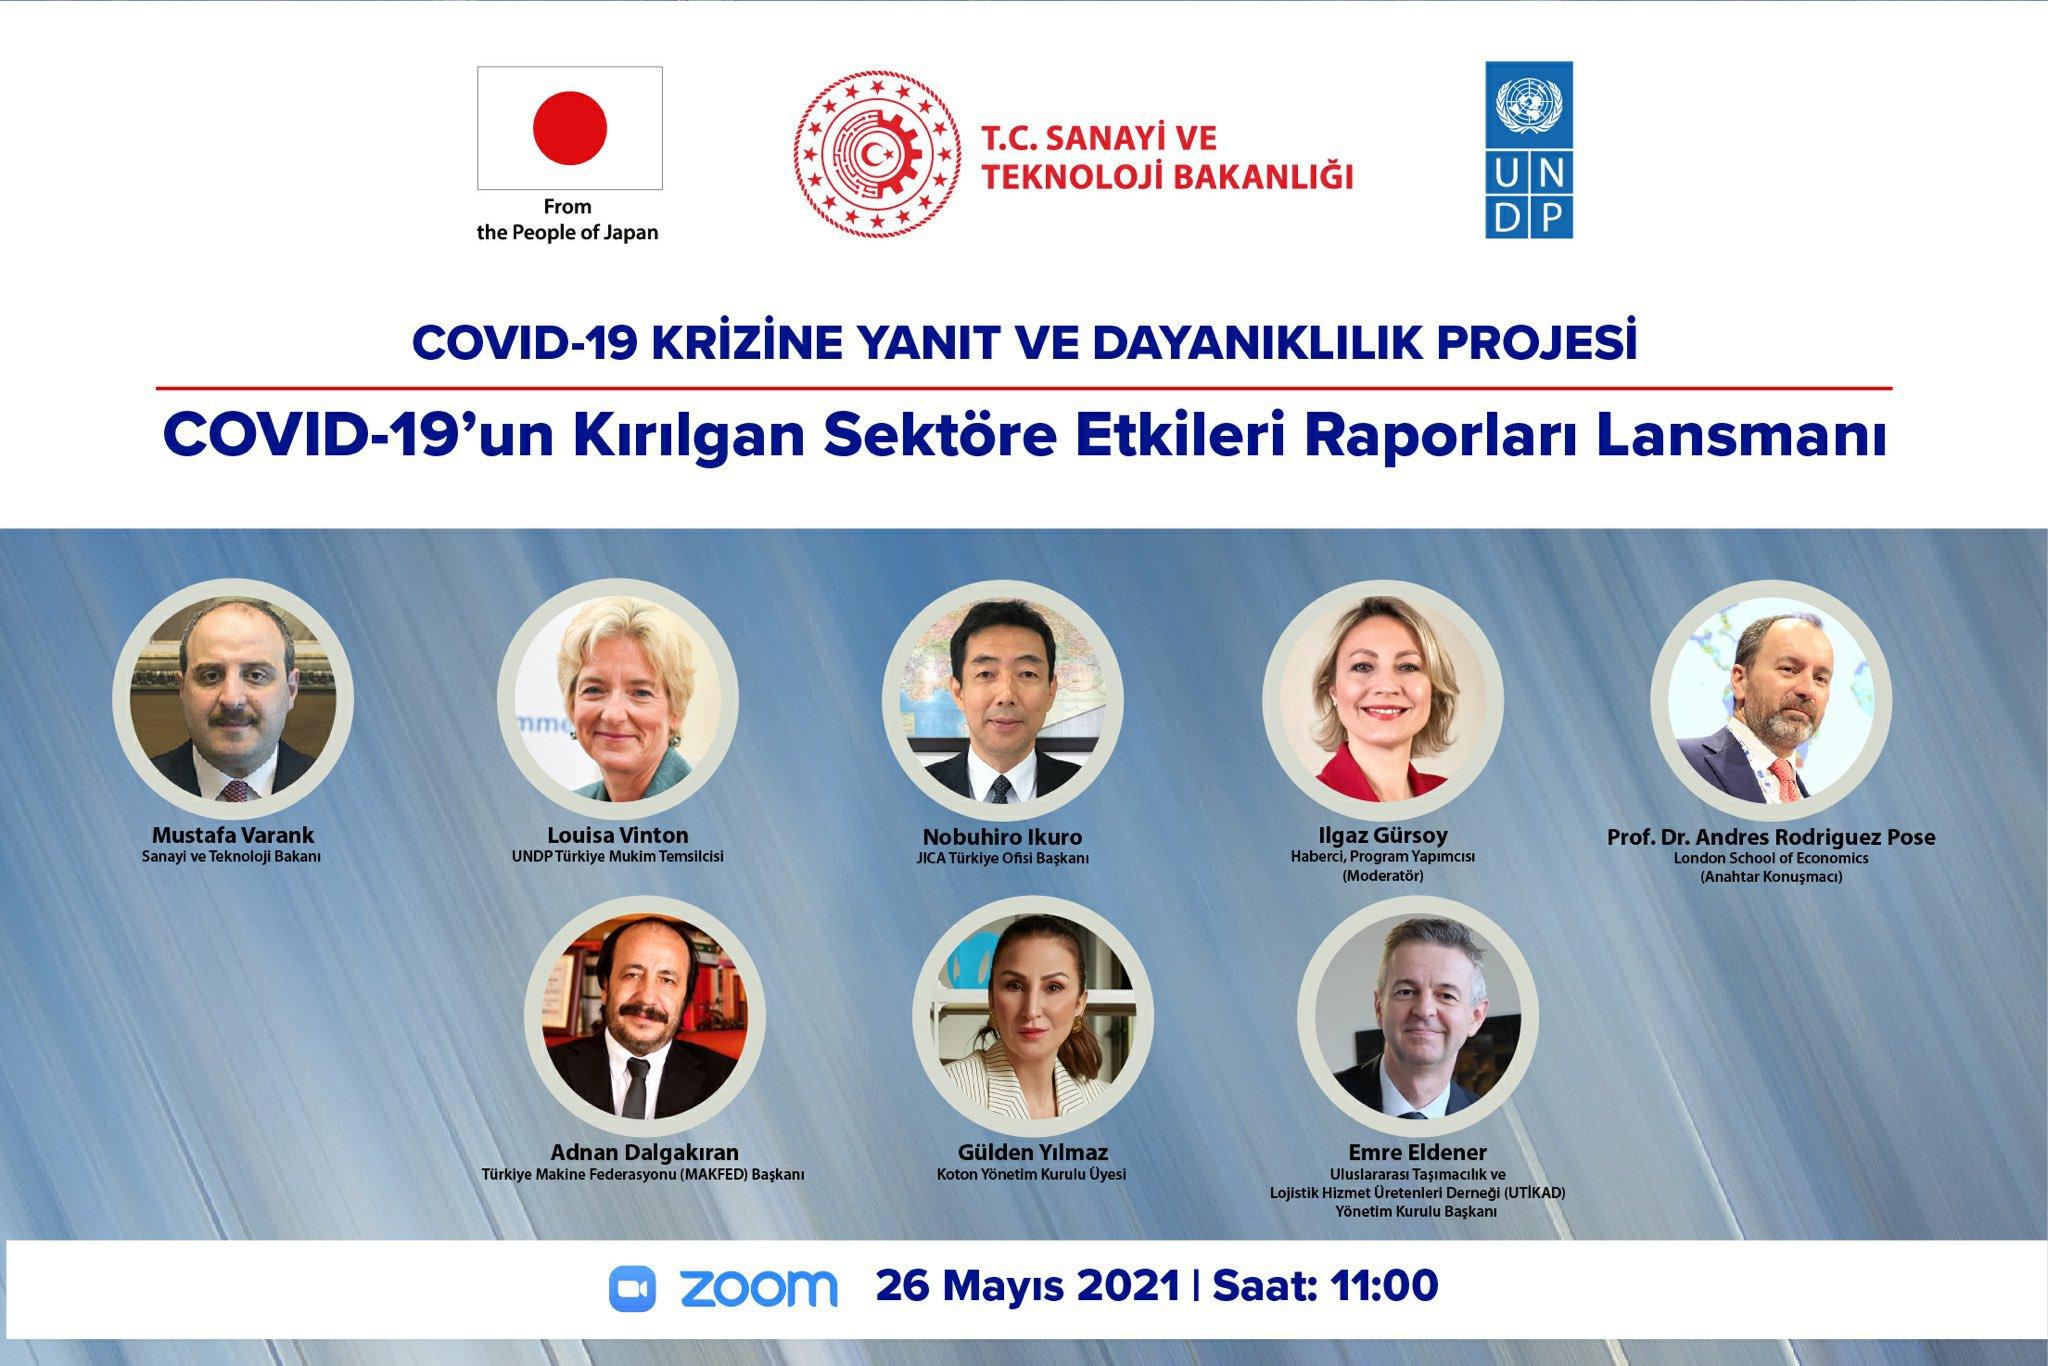 COVID-19'un Kırılgan Sektöre Etkileri Raporları Tanıtım Toplantısı